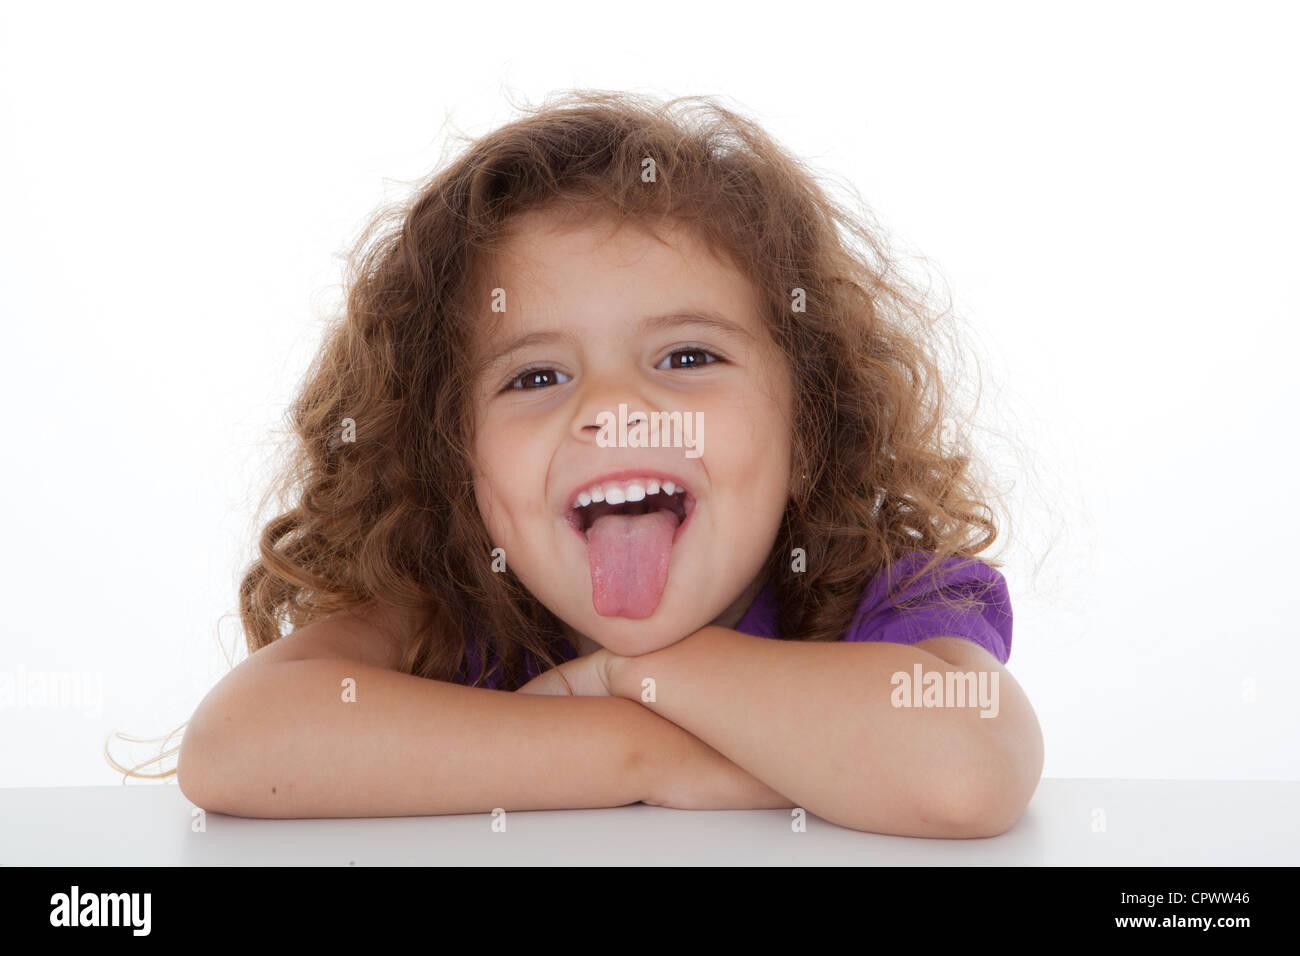 Cheeky bambino inceppato il pollice. Foto Stock